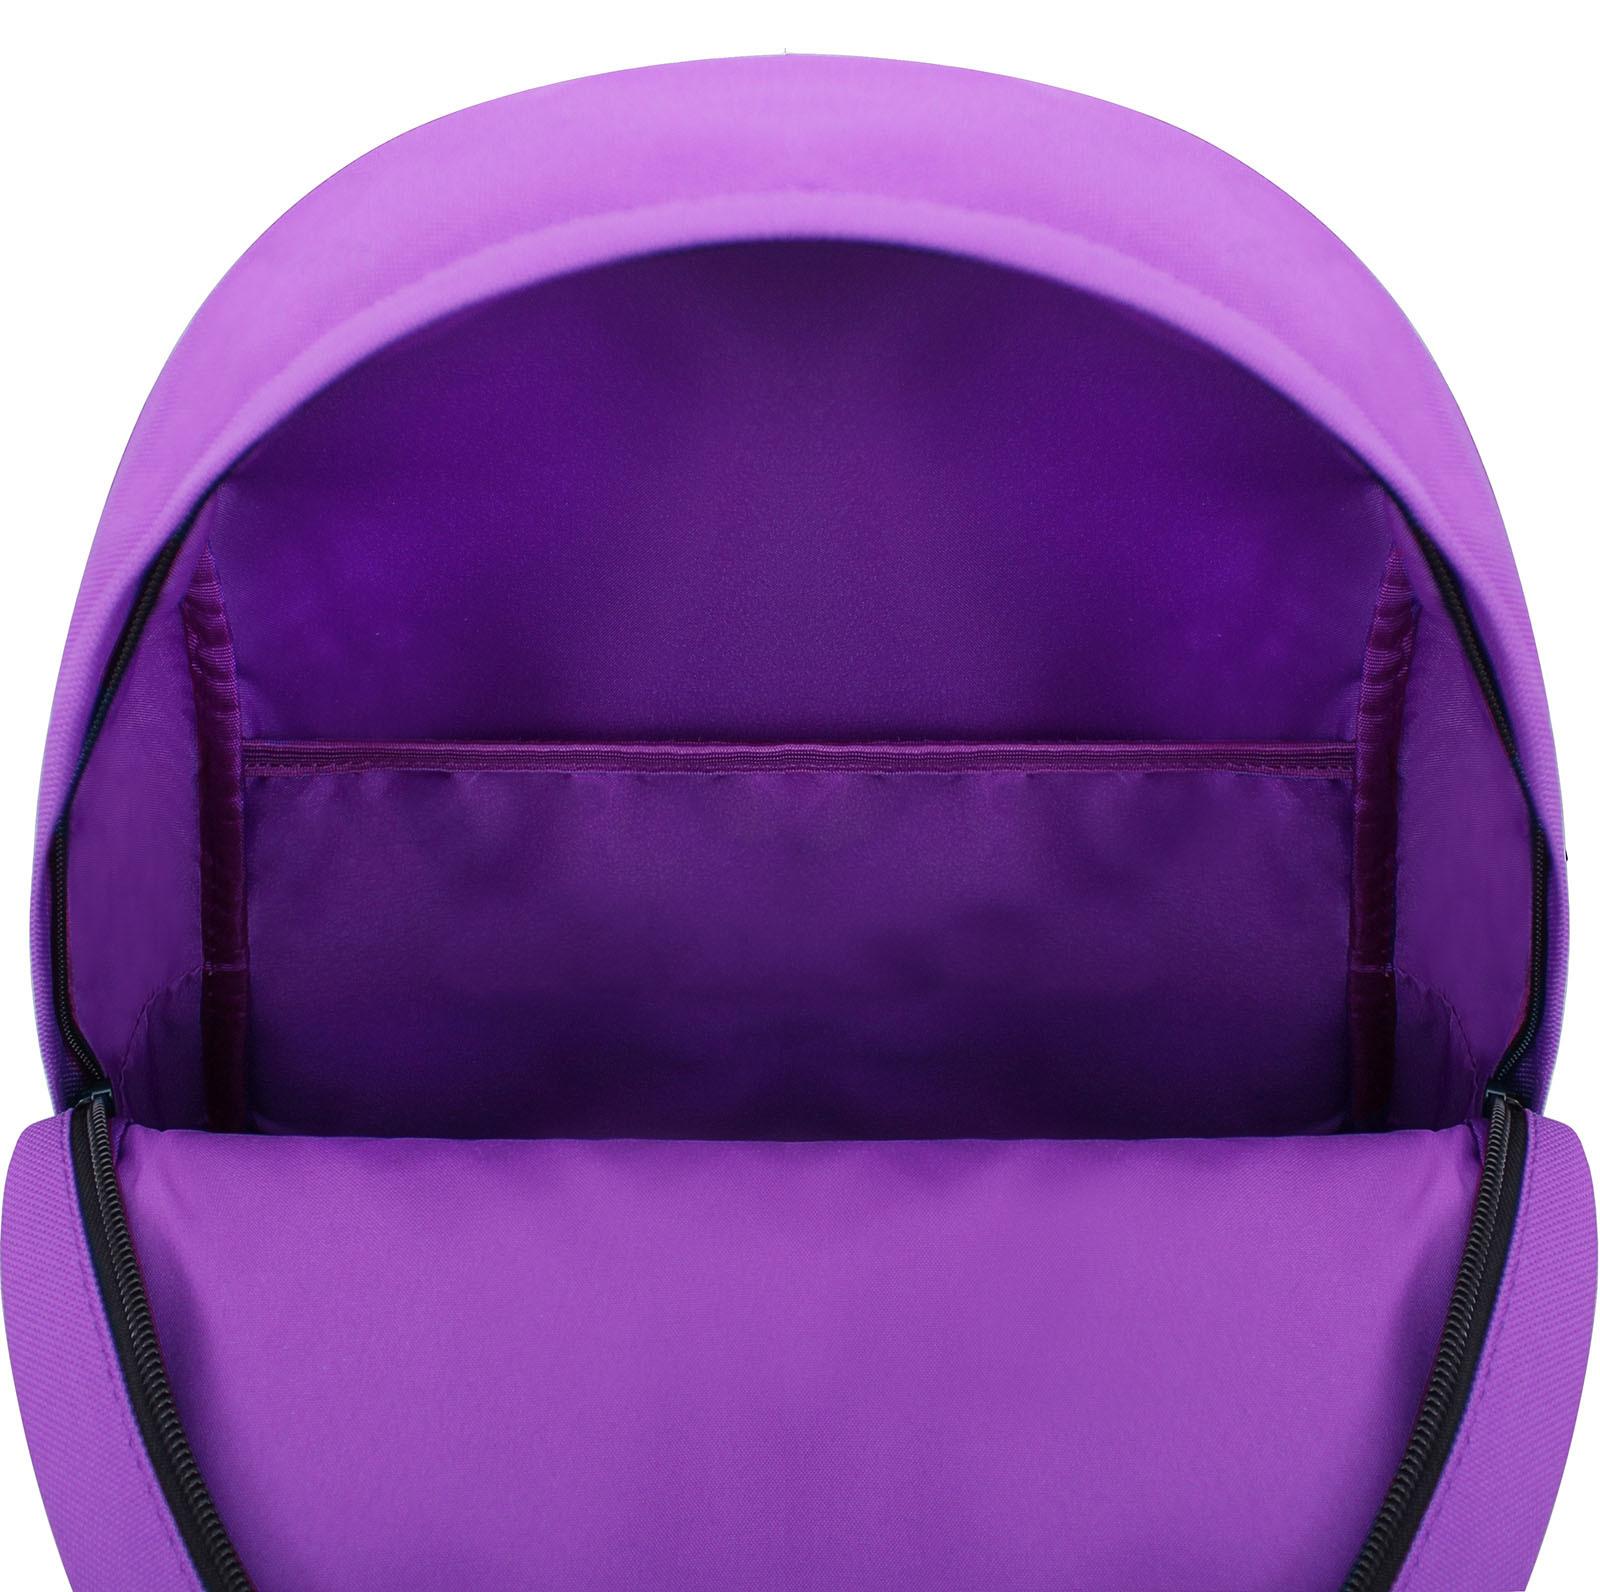 Рюкзак Bagland Молодежный W/R 17 л. Фиолетовый 170 (00533662 Ш) фото 5